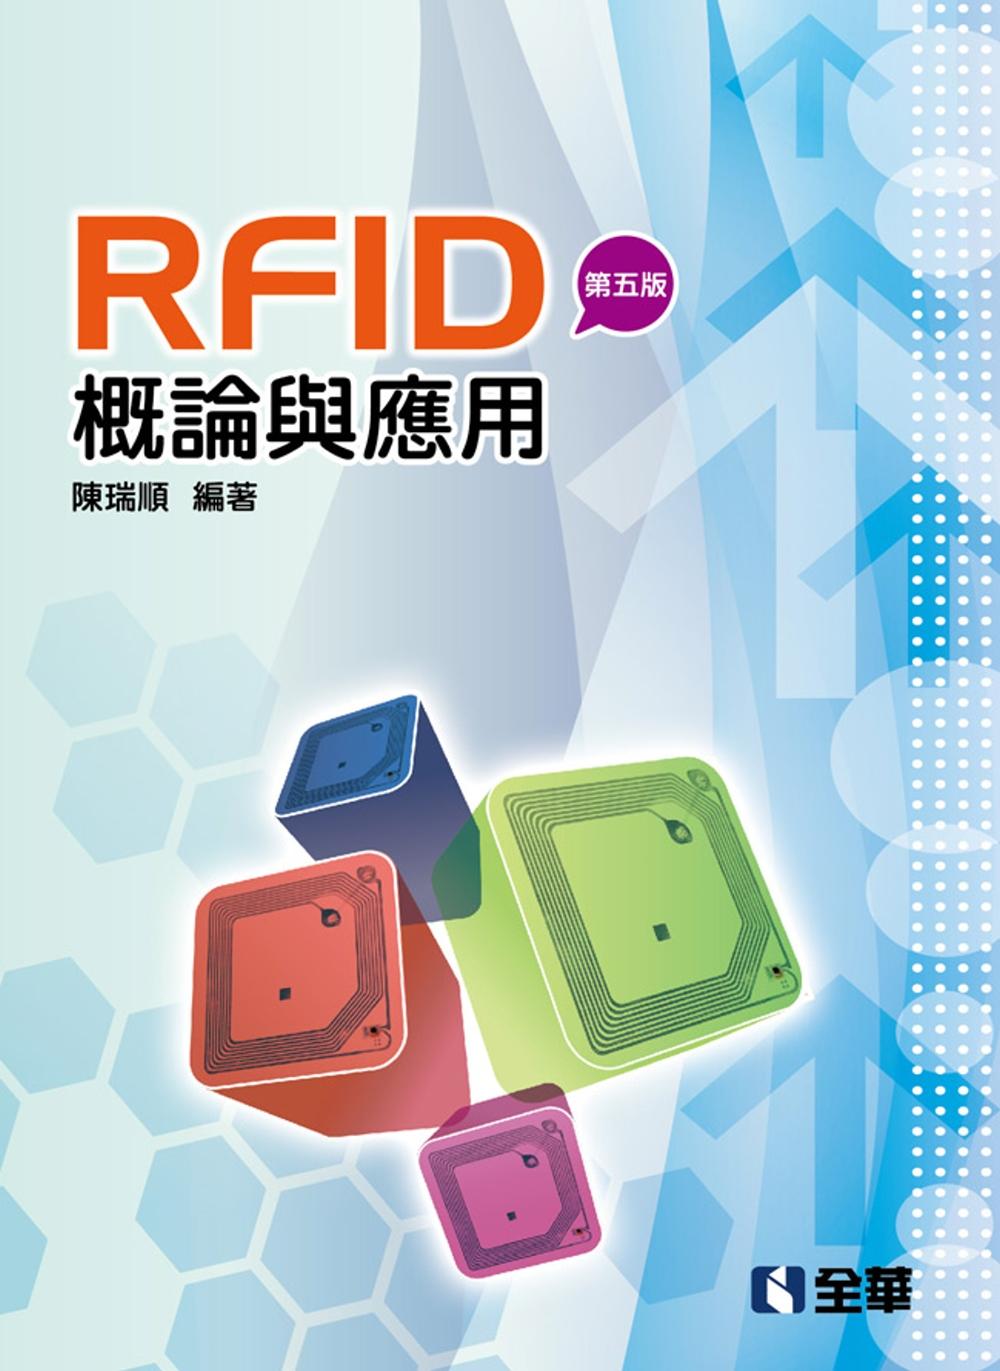 RFID概論與應用(第五版)